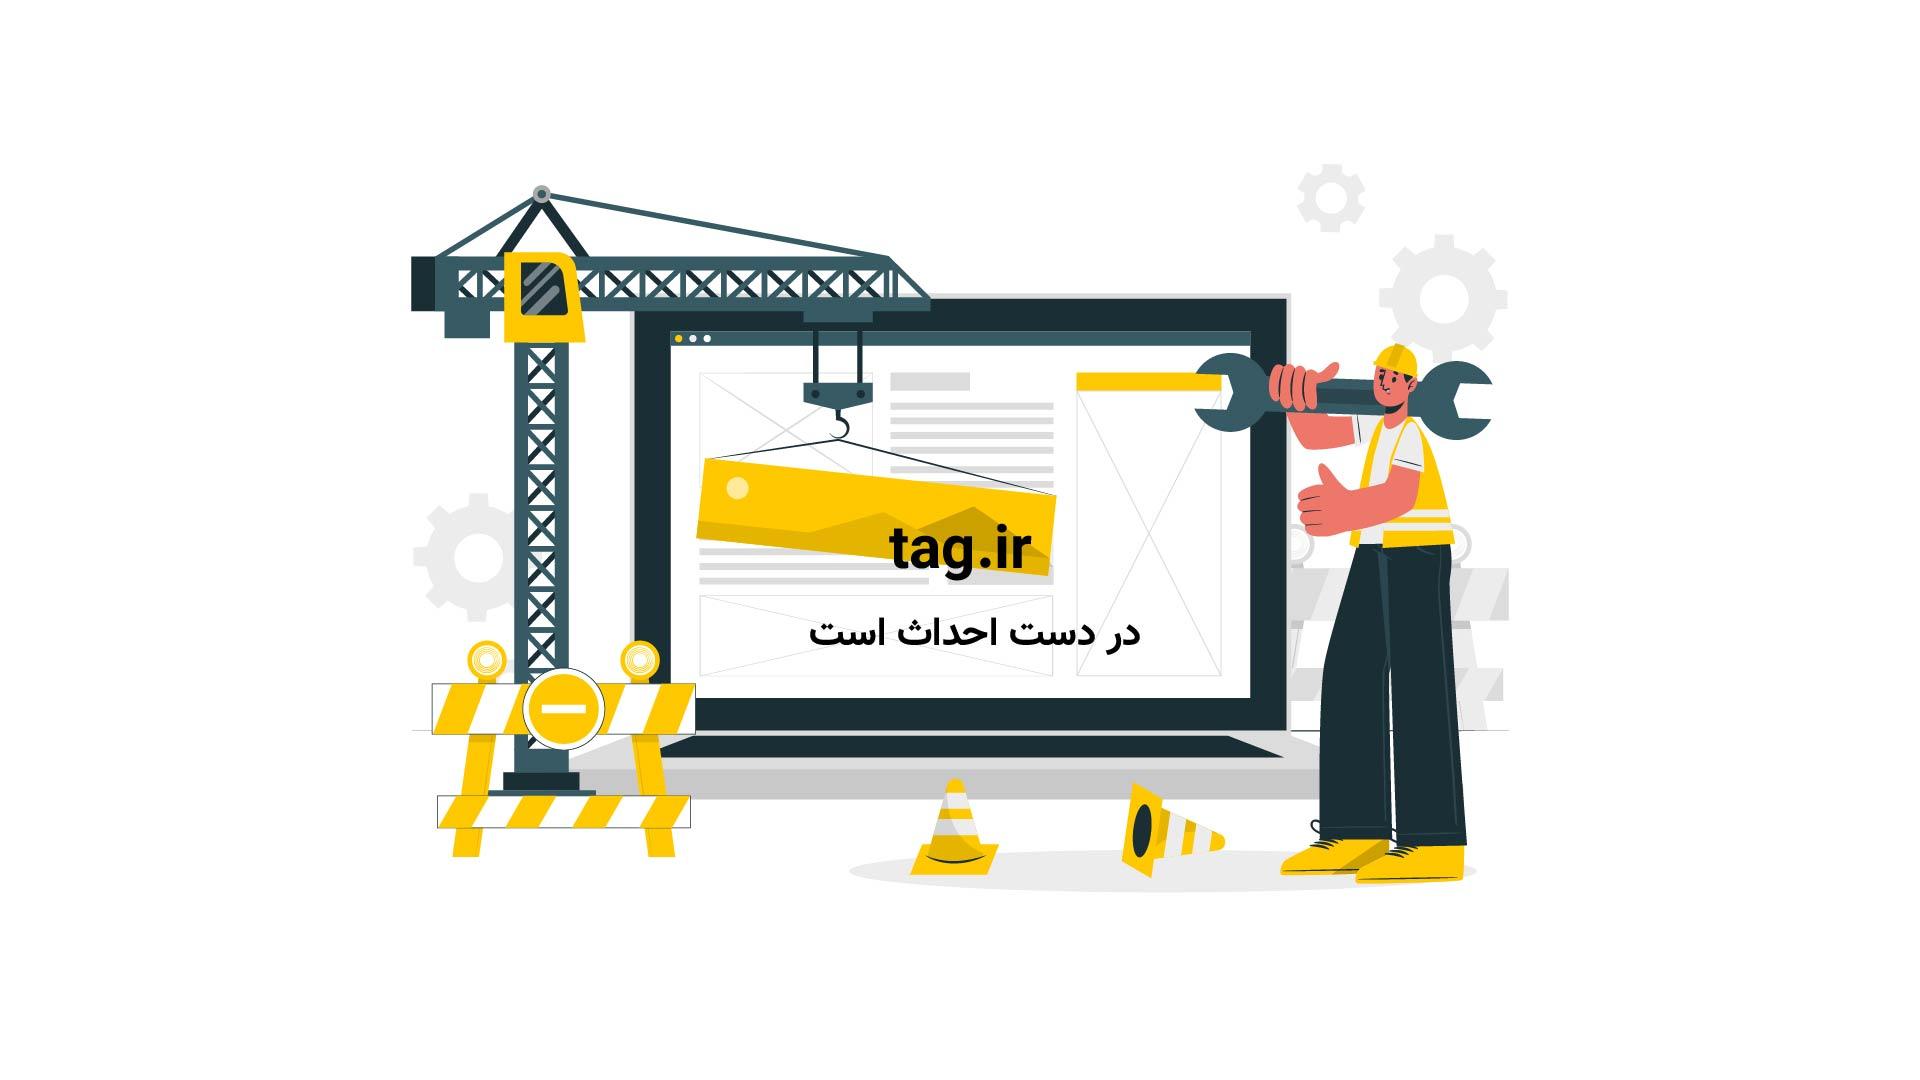 سخنرانی های تد؛ انتقال مستقیم نرم افزار به مغز انسان |فیلم